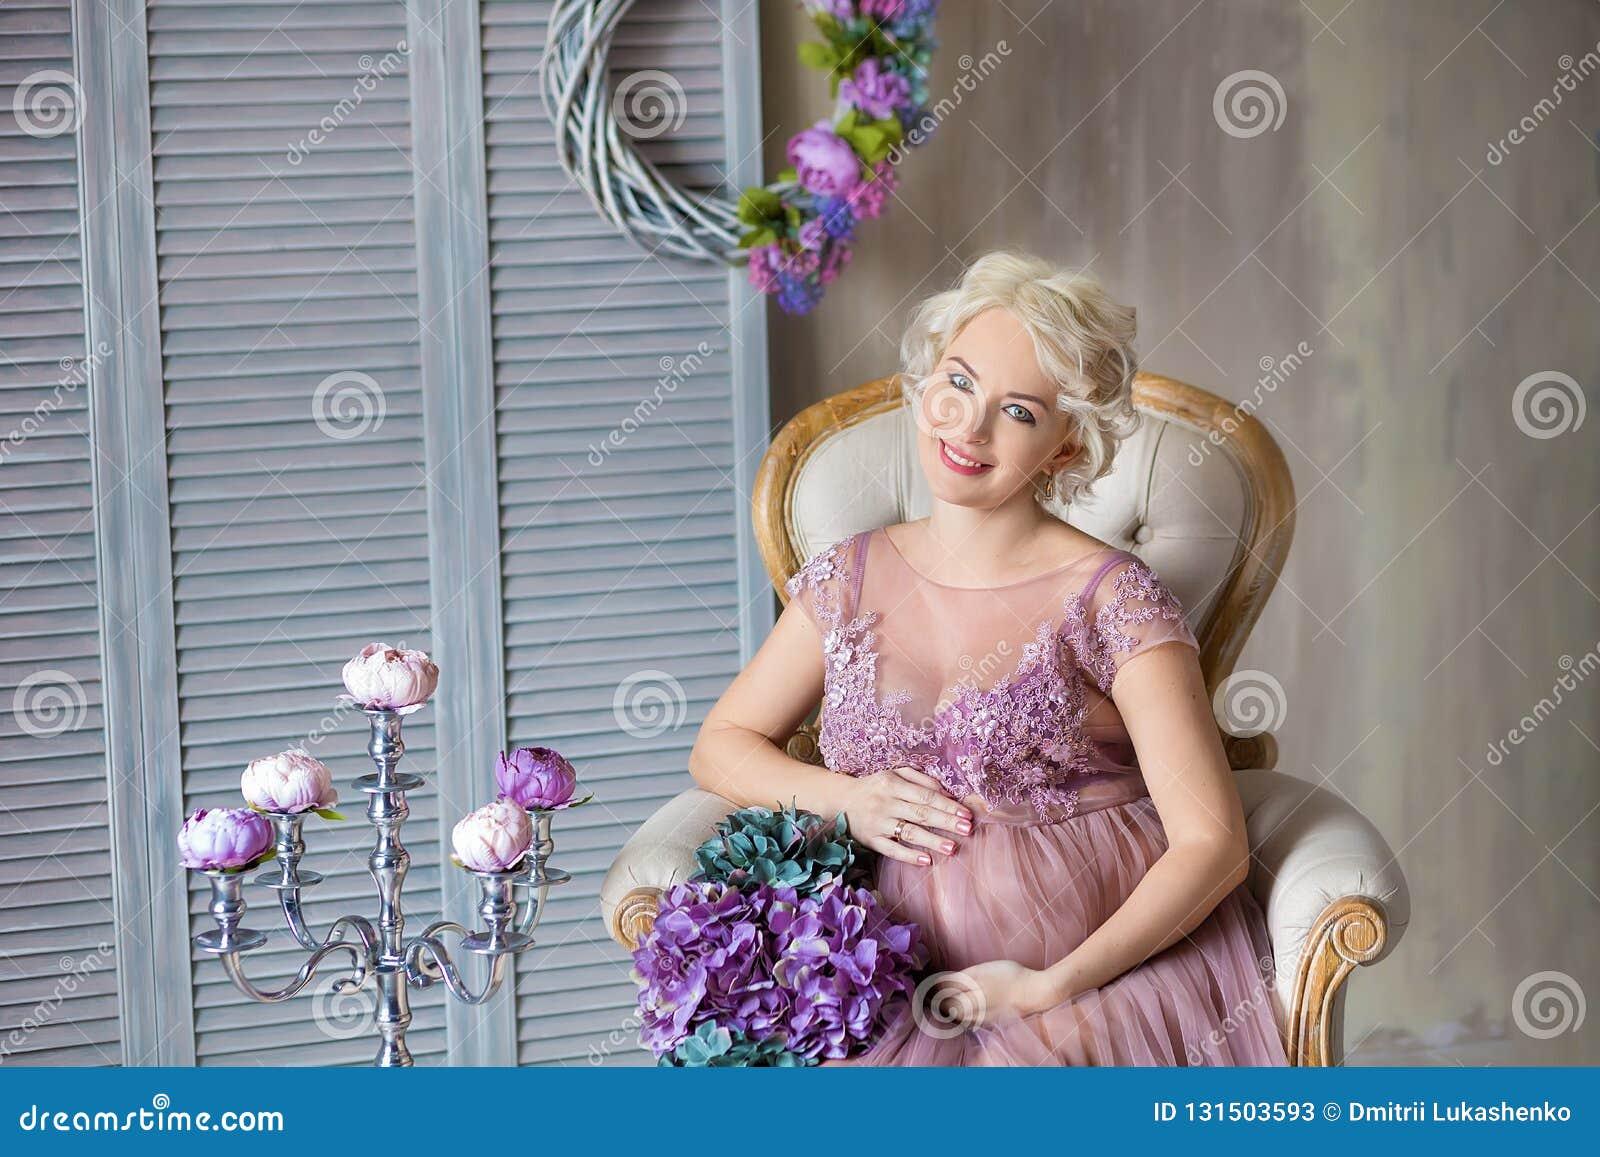 Brzemienność, macierzyństwo i szczęśliwy przyszłości matki pojęcie, - kobieta w ciąży w powiewnej fiołek sukni z bukietem kwitnie